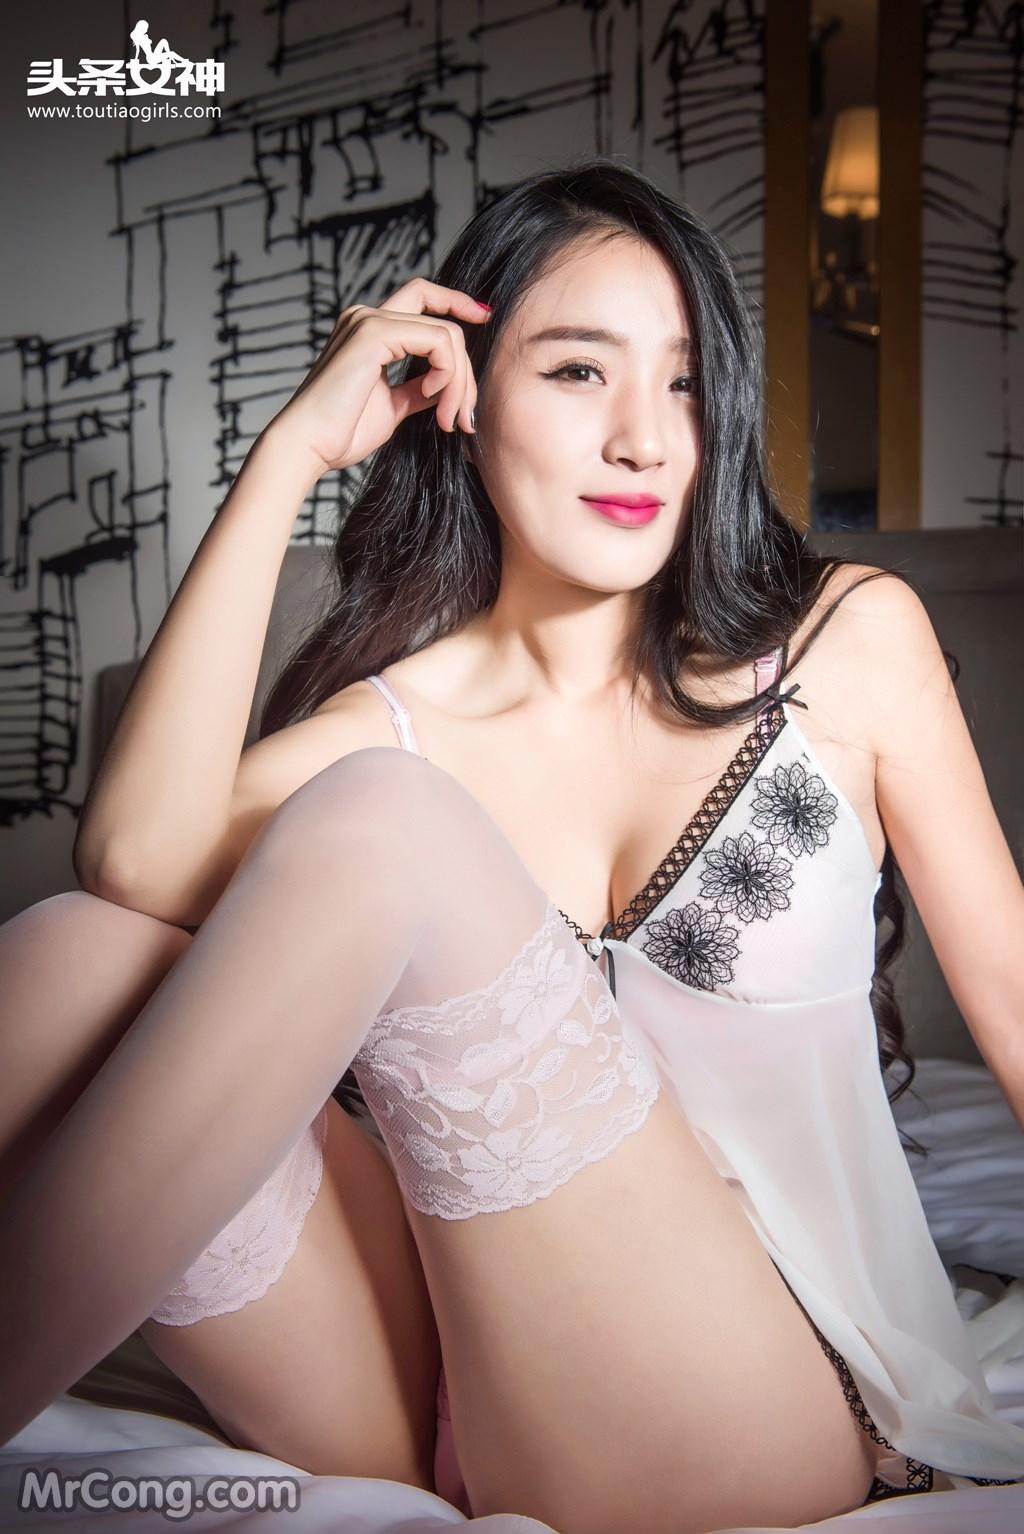 Image MrCong.com-TouTiao-2016-12-27-Lian-Yi-sara-009 in post TouTiao 2016-12-27: Người mẫu Lian Yi sara (涟漪sara) (21 ảnh)